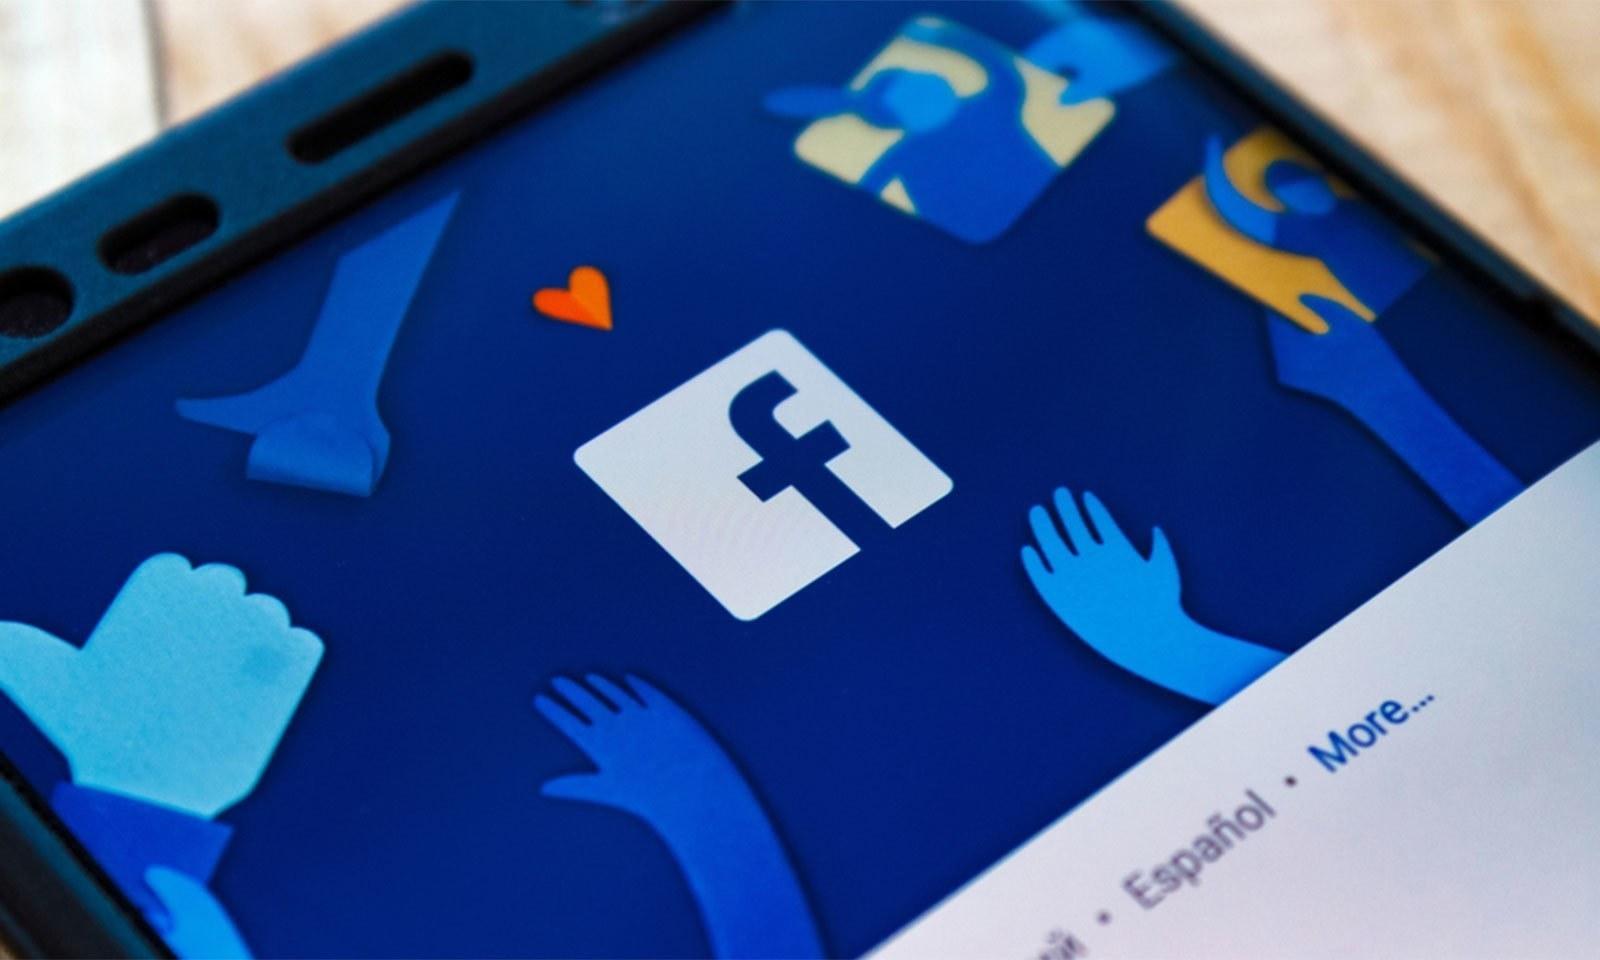 فیس بک نے اس فیچر کی آزمائش کی تصدیق کی ہے— شٹر اسٹاک فوٹو